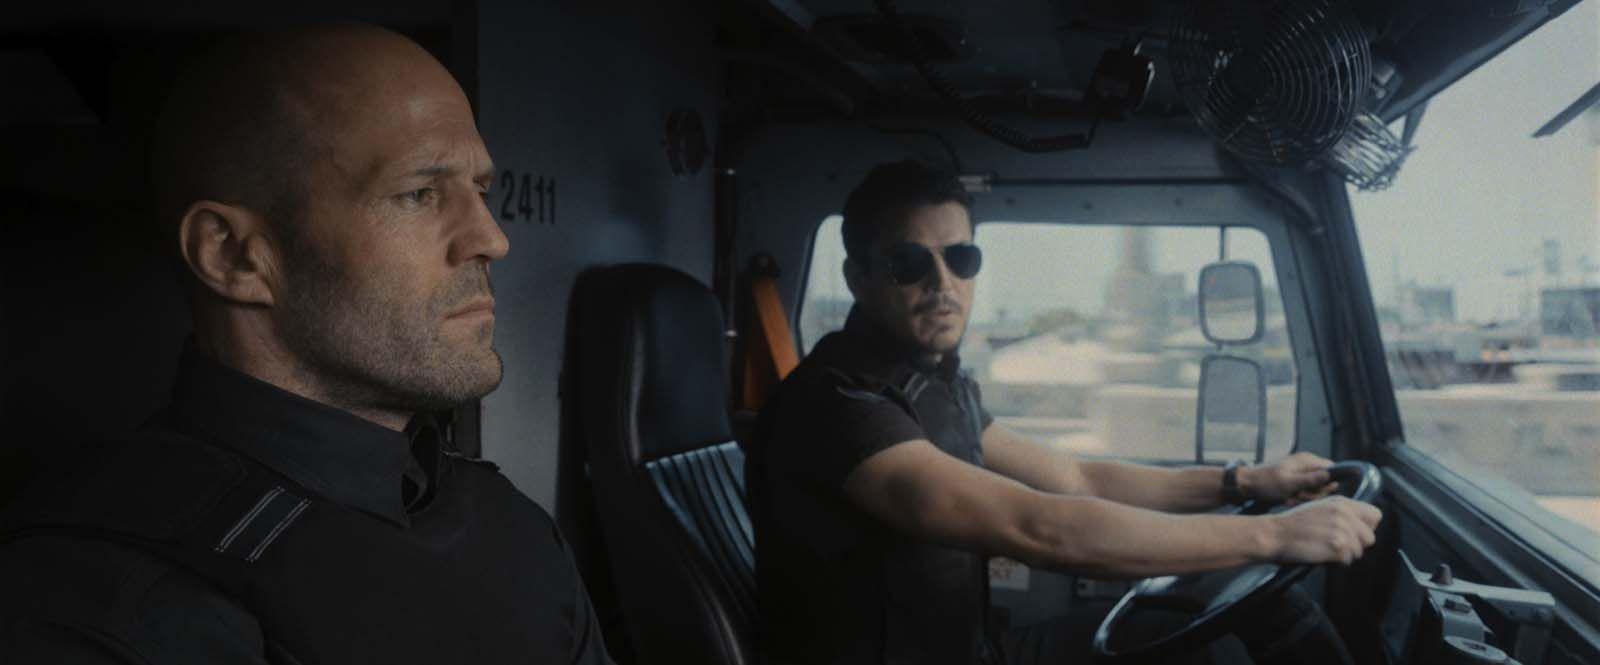 Un homme en colère (BANDE-ANNONCE) de Guy Ritchie avec Jason Statham, Jeffrey Donovan, Josh Hartnett - Le 16 juin 2021 au cinéma